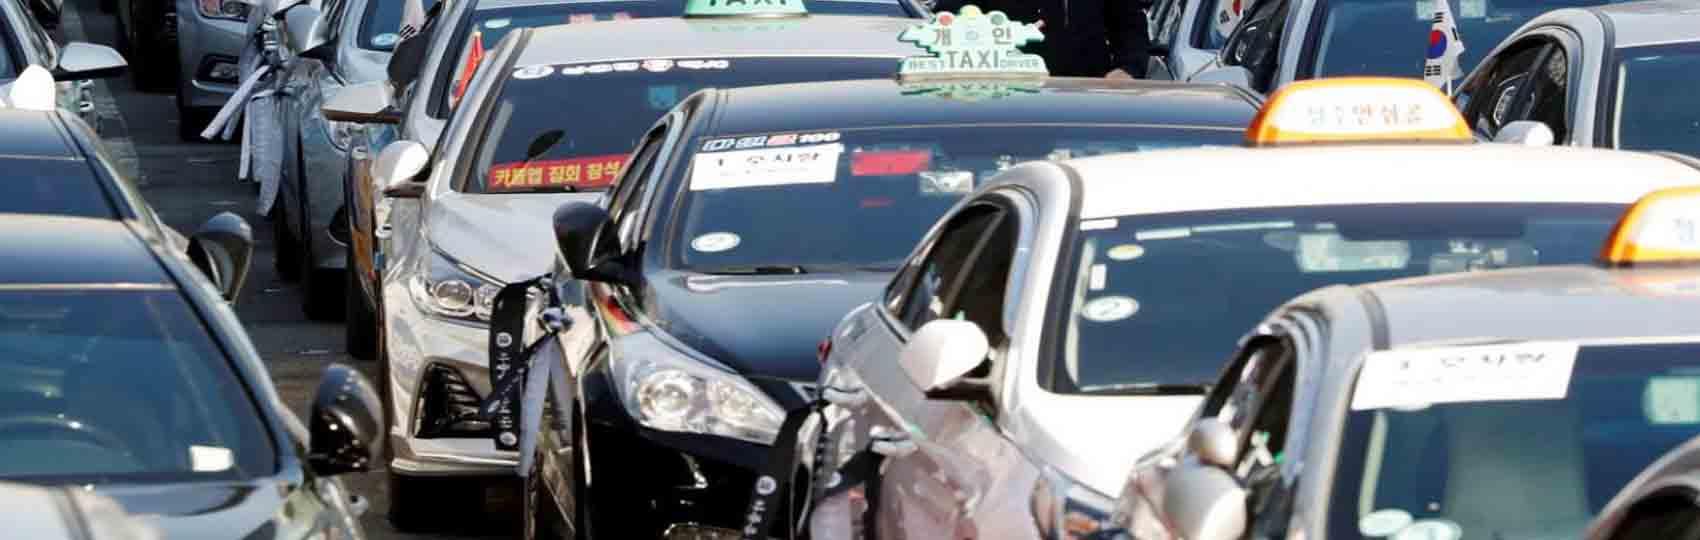 Noticias del sector del taxi y la movilidad en Corea. Mantente informado de todas las noticias del taxi de Corea en el grupo de Facebook de Todo Taxi.